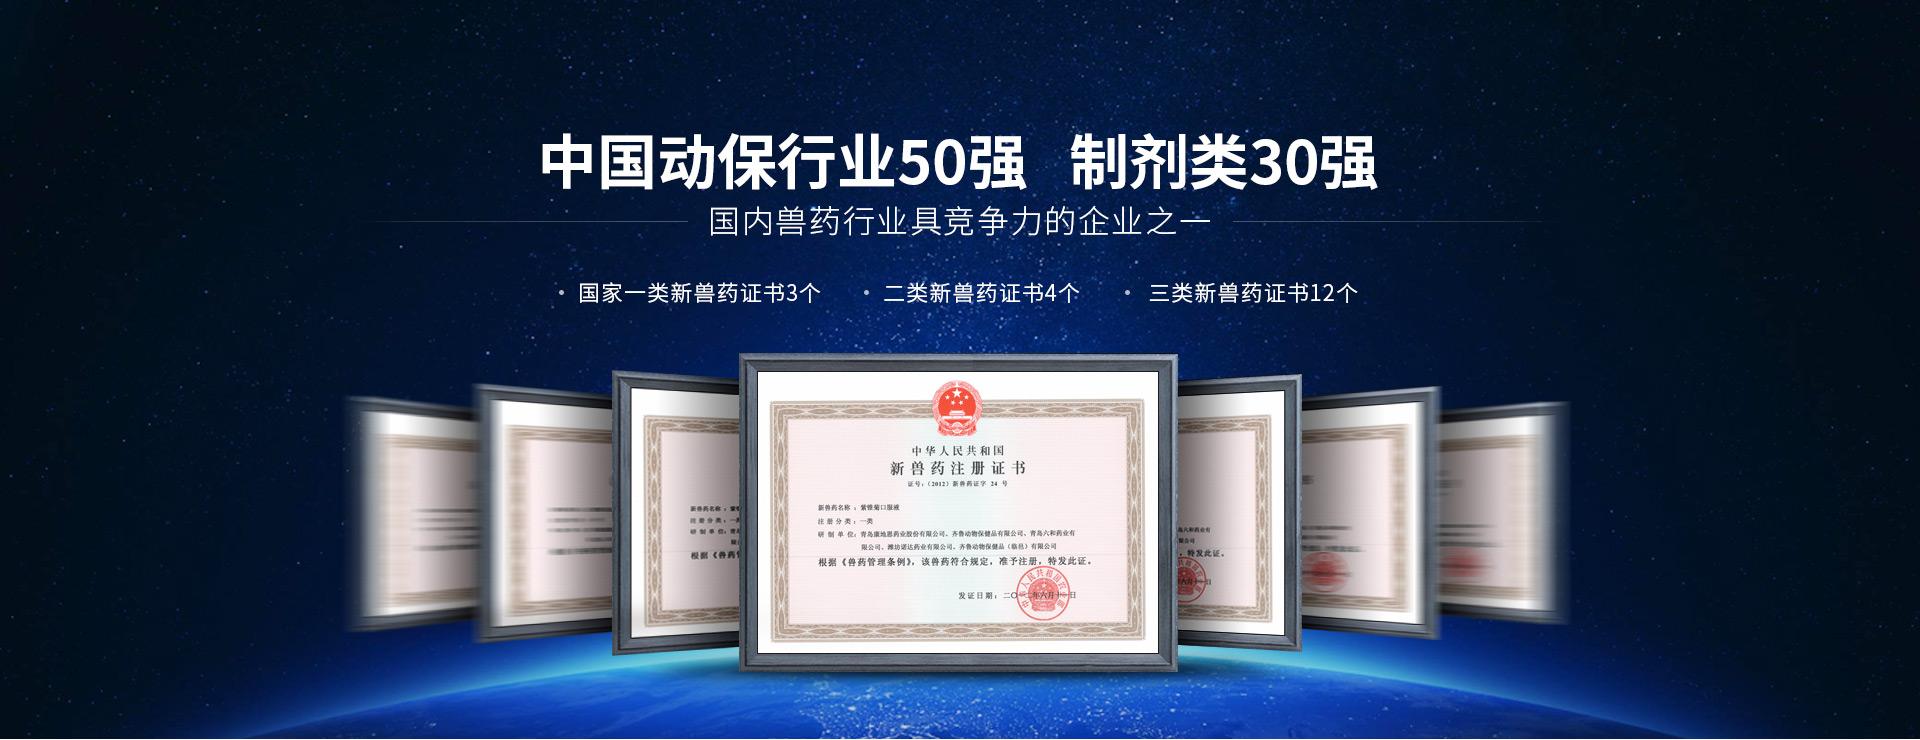 康地恩,中国动保行业50强,制剂类30强